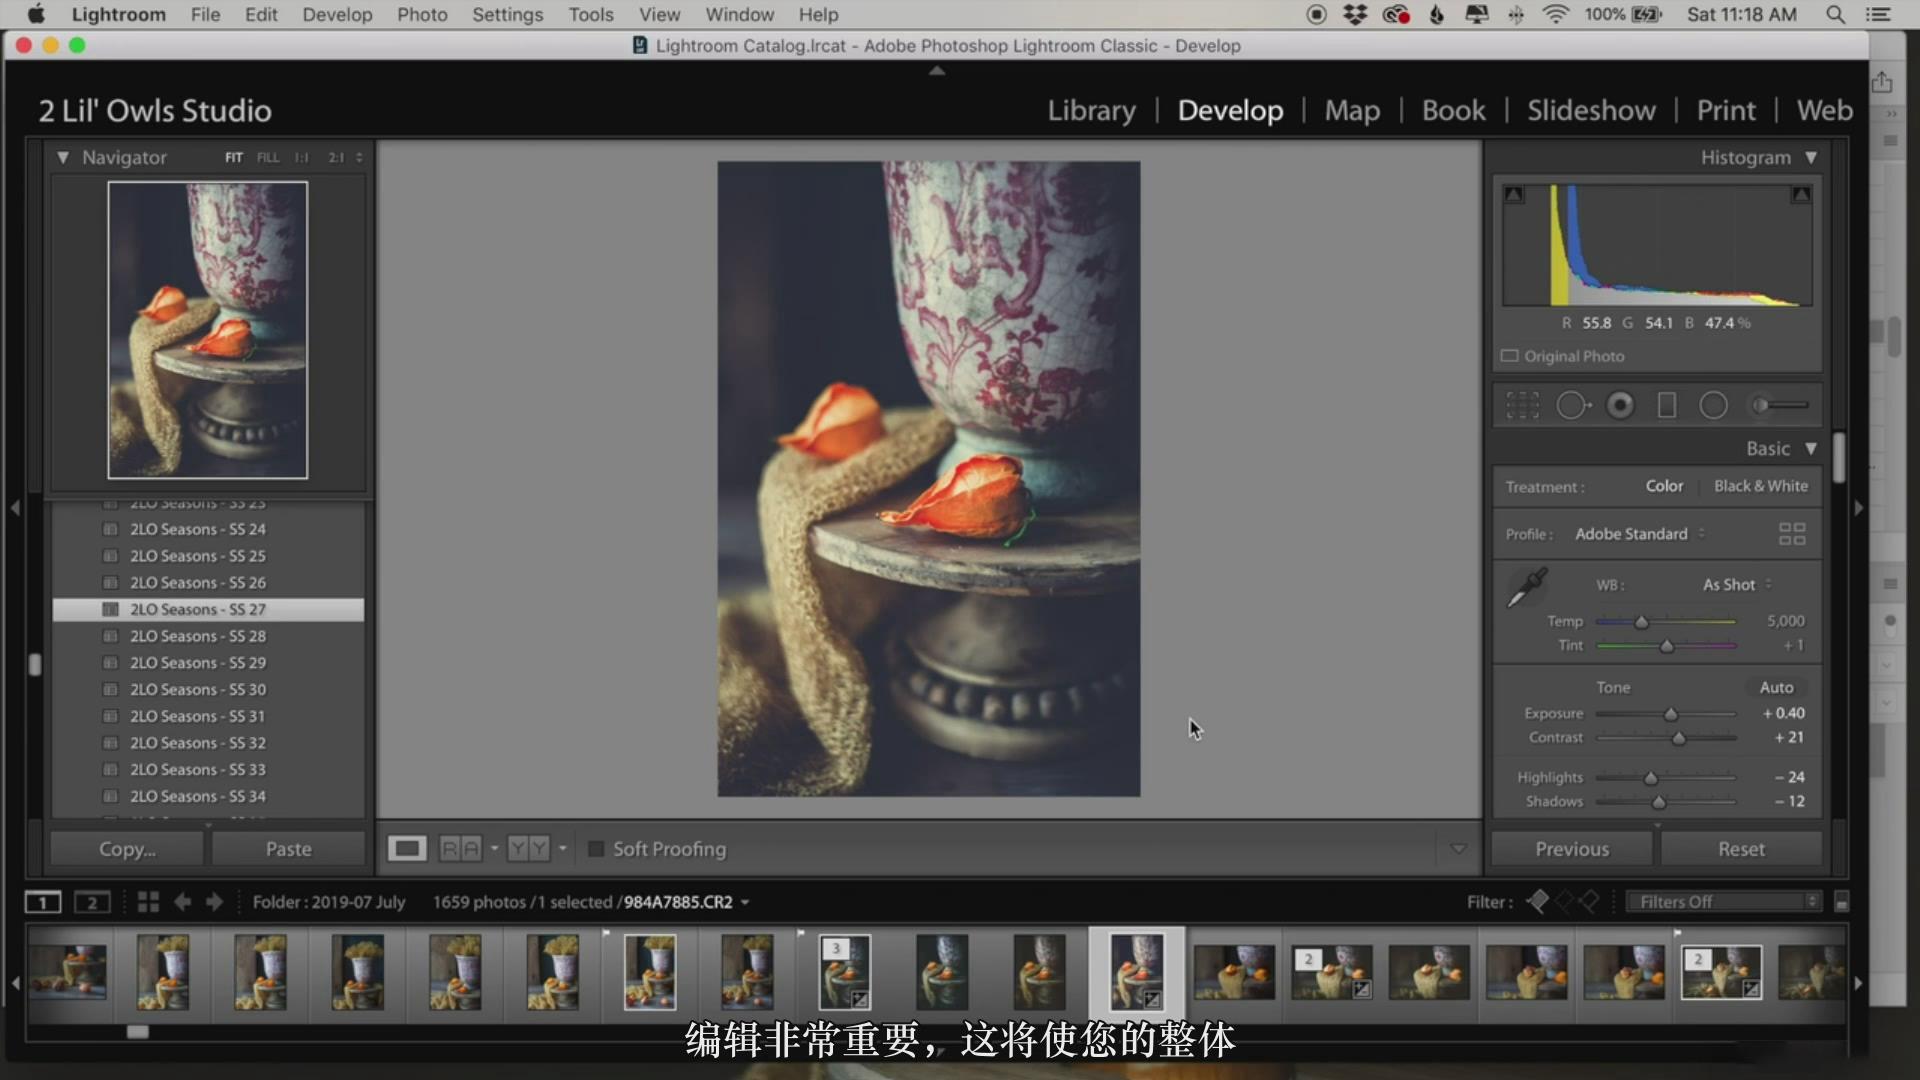 摄影教程_Lenslab –静物花卉产品摄影掌握色彩突破艺术界限研讨会-中文字幕 摄影教程 _预览图13